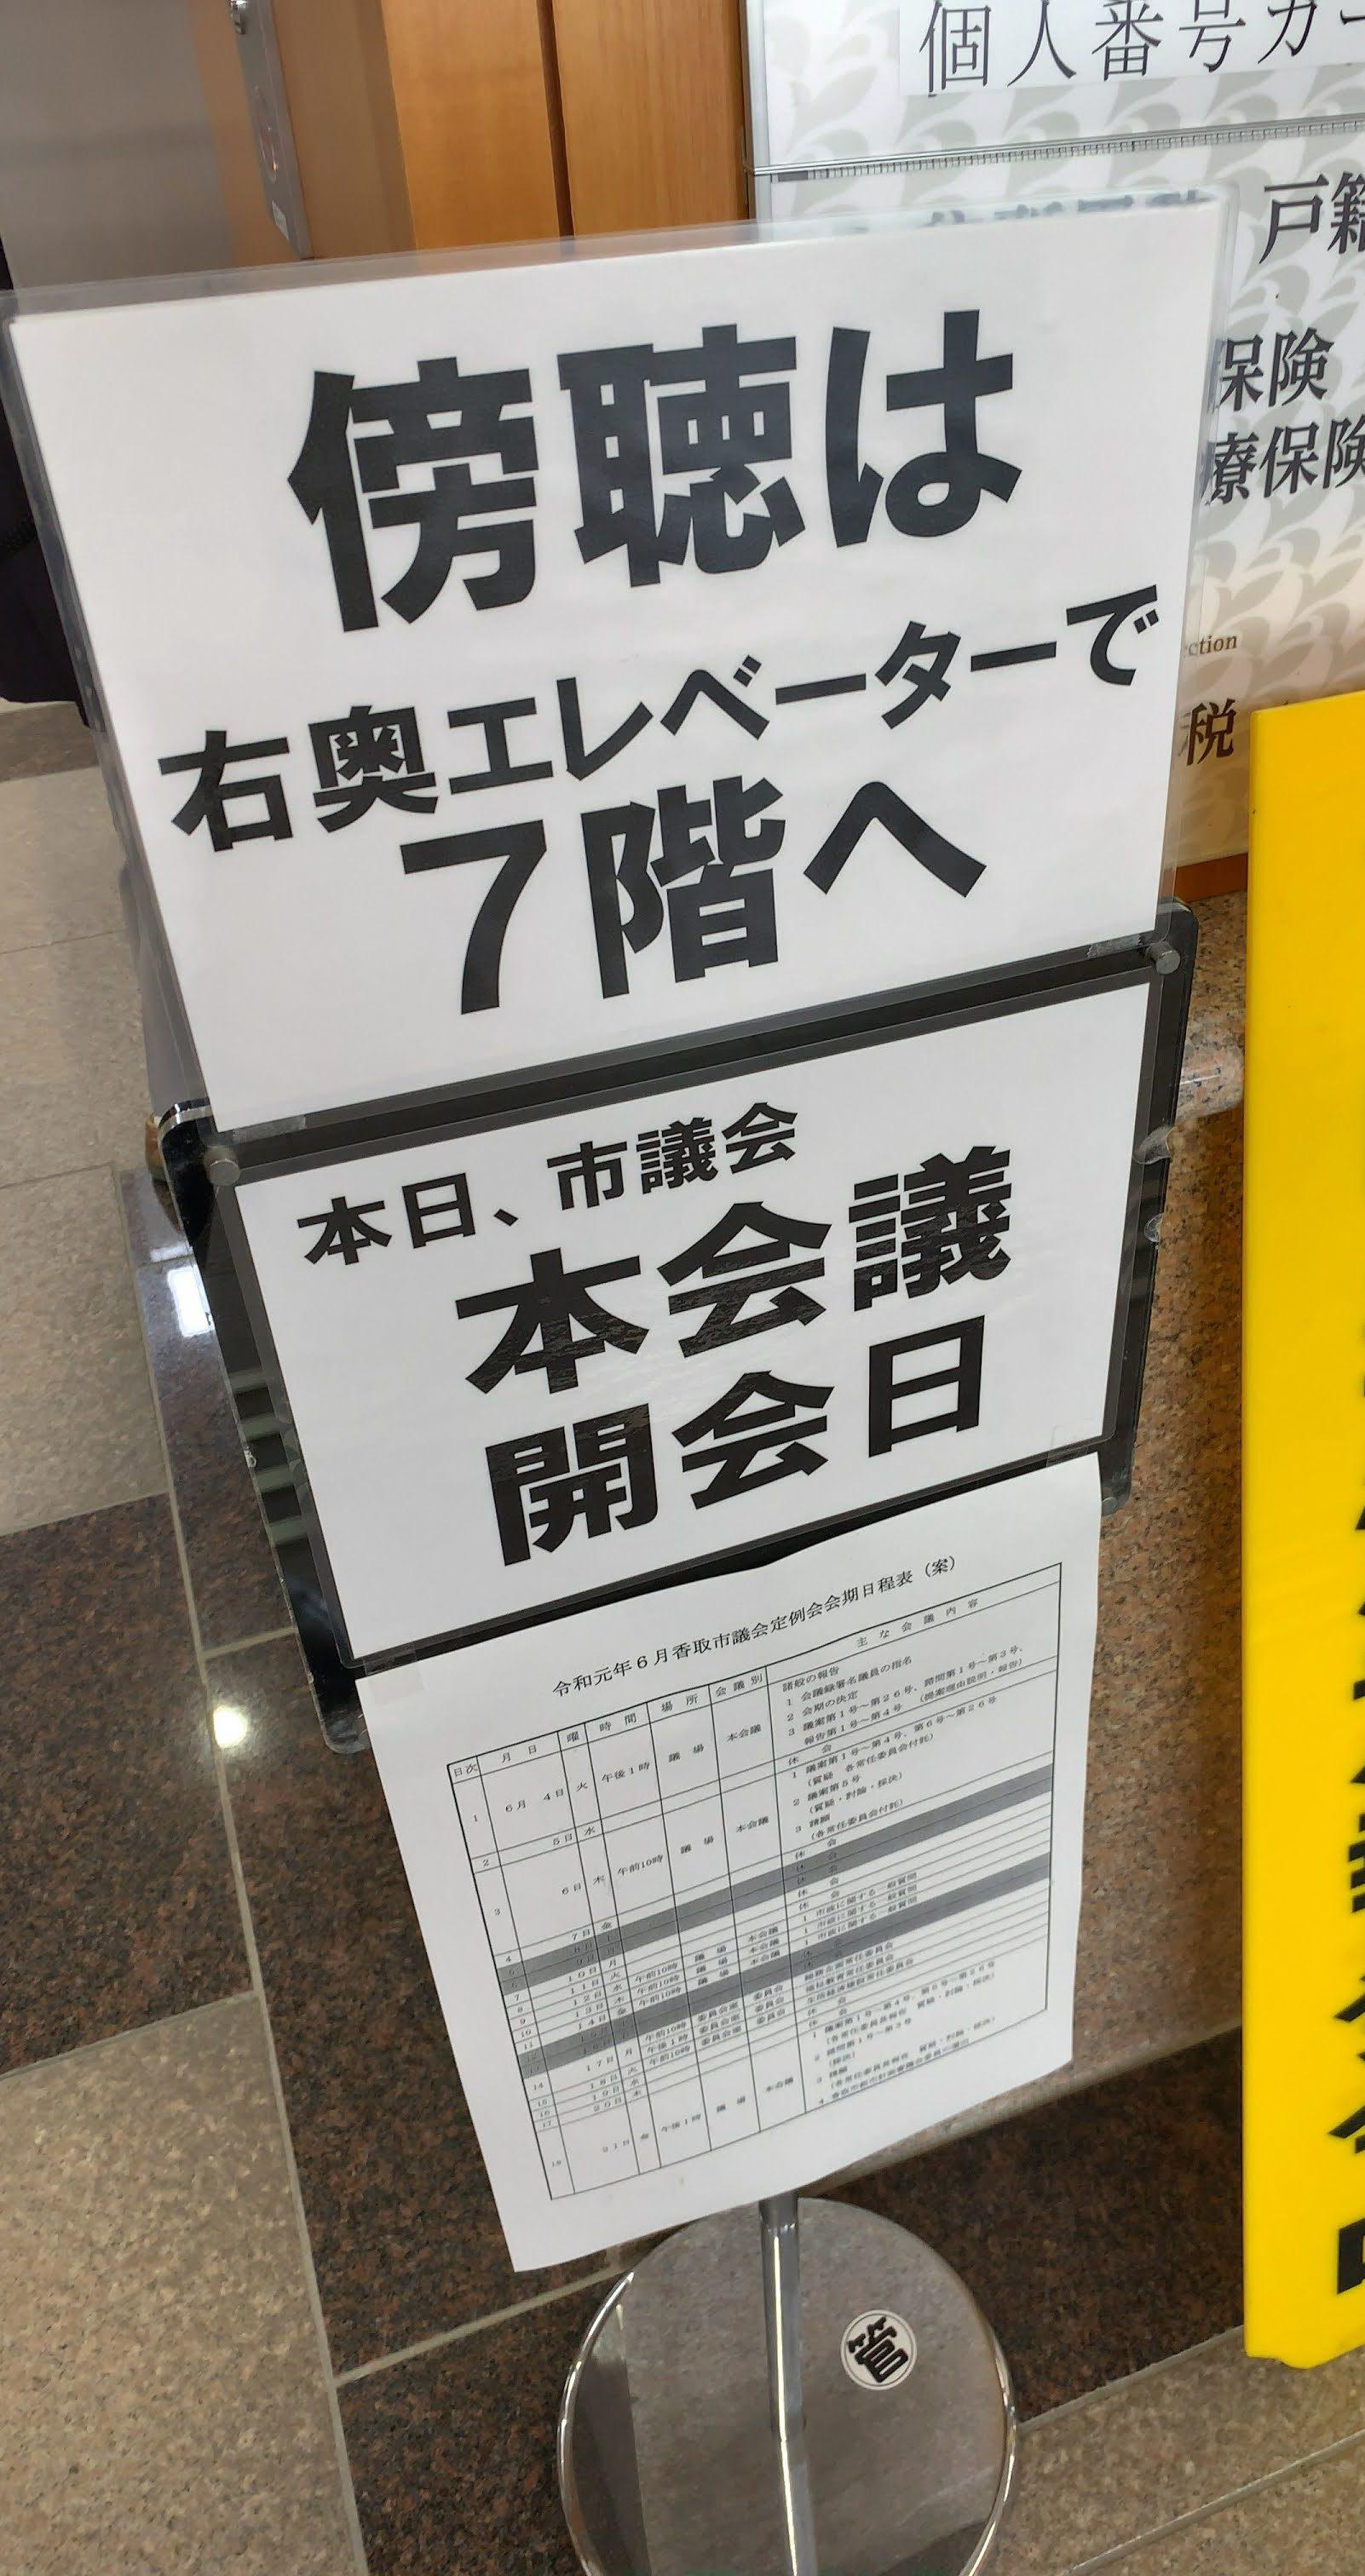 香取市議会開会中